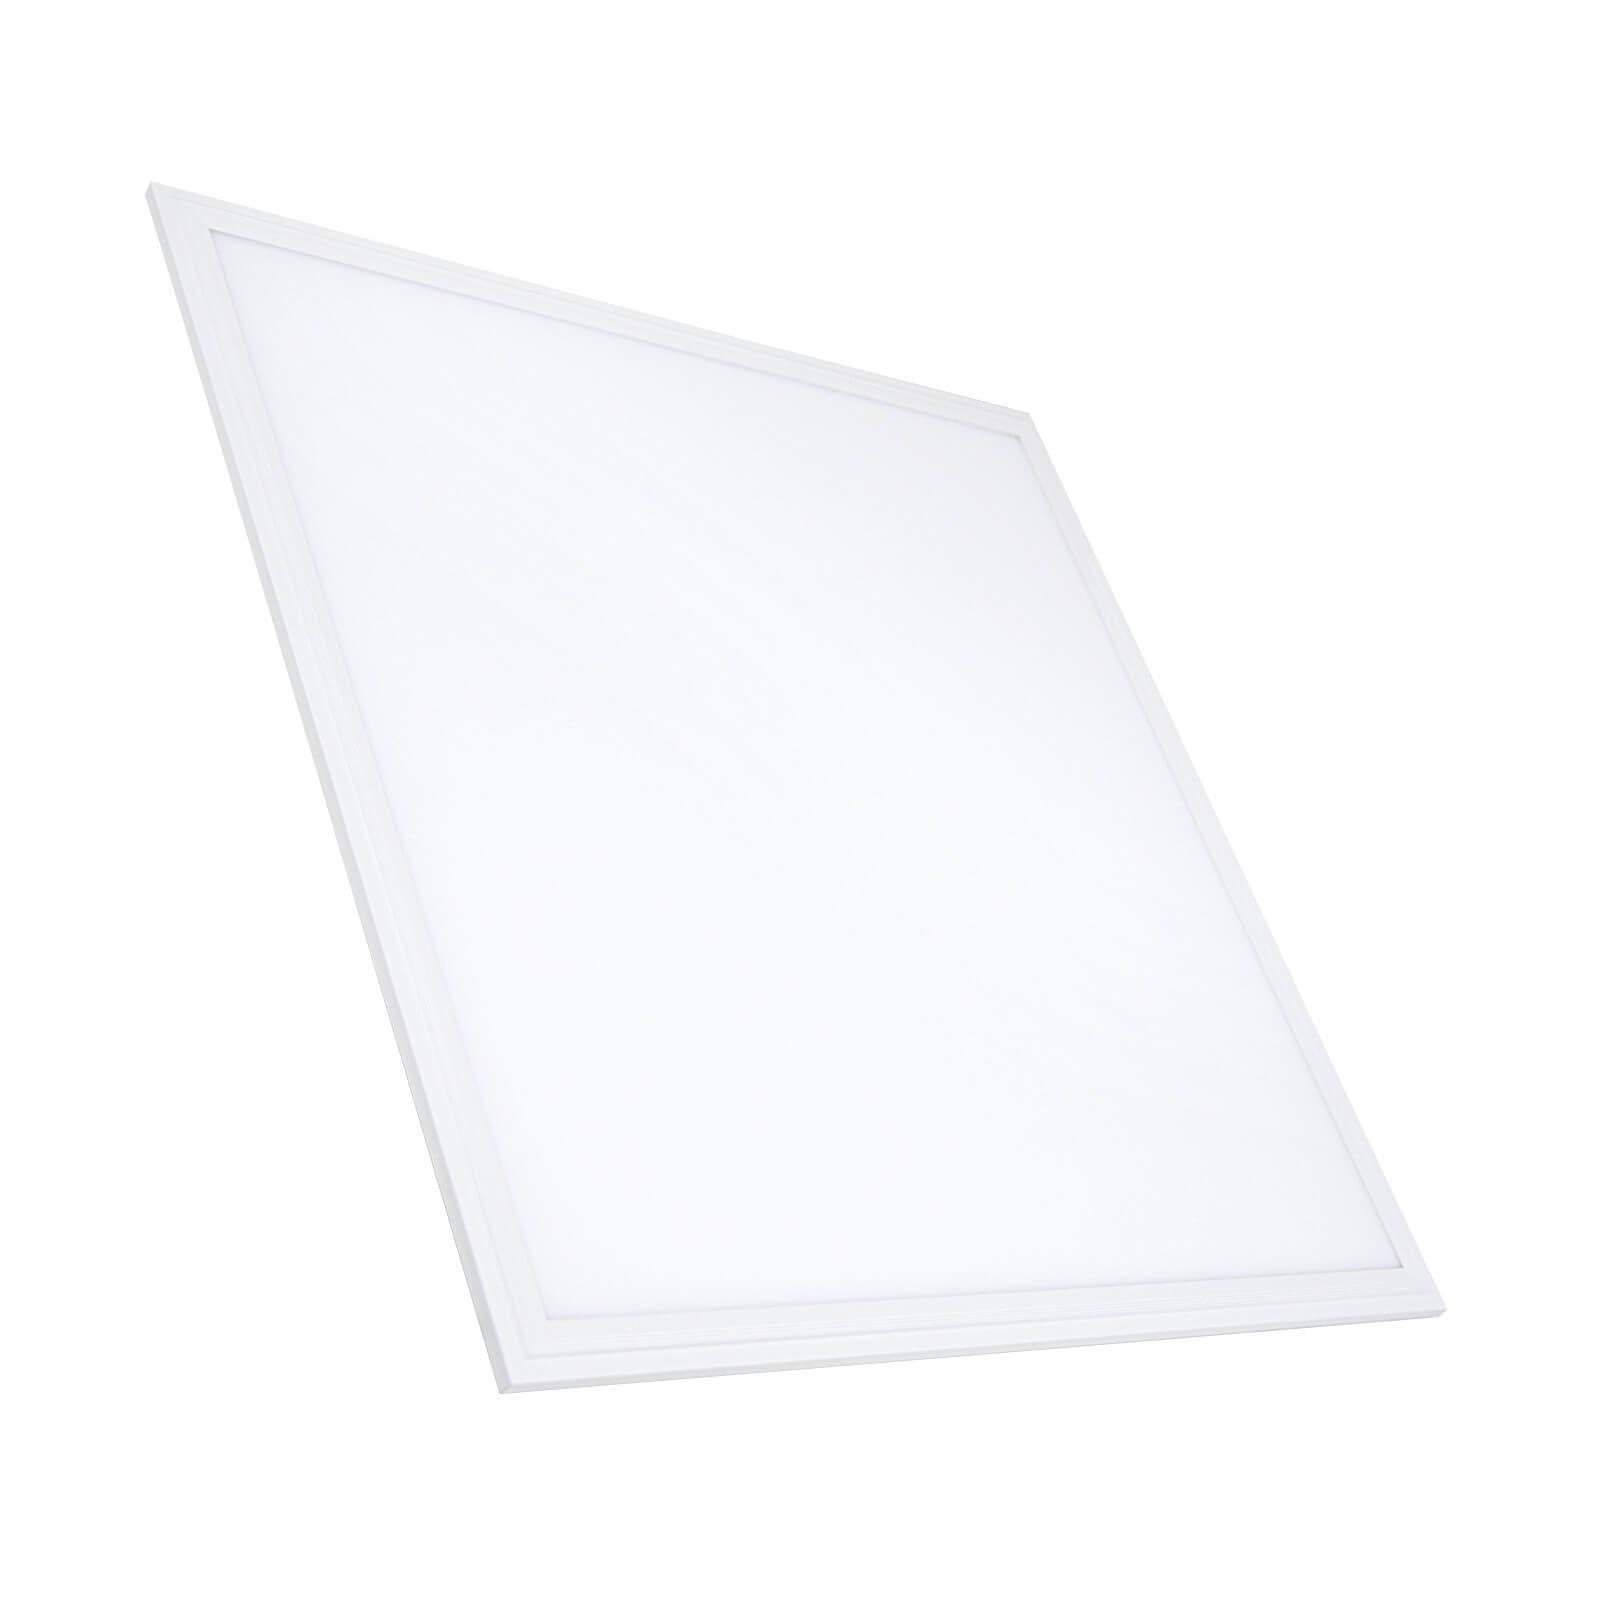 Pannelli LED da incasso